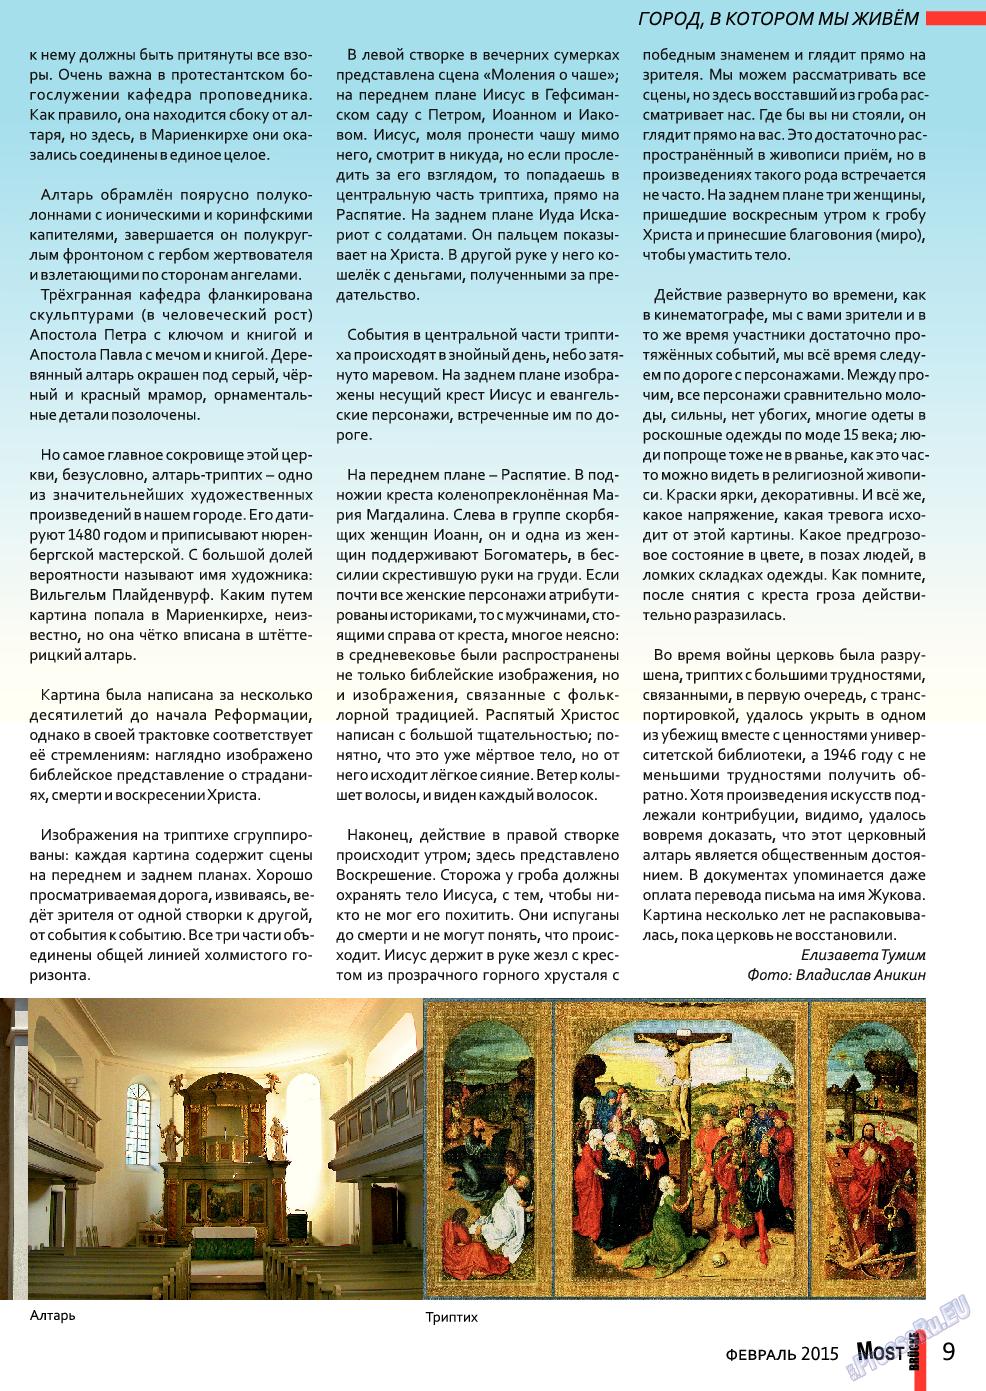 Мост (журнал). 2015 год, номер 2, стр. 9